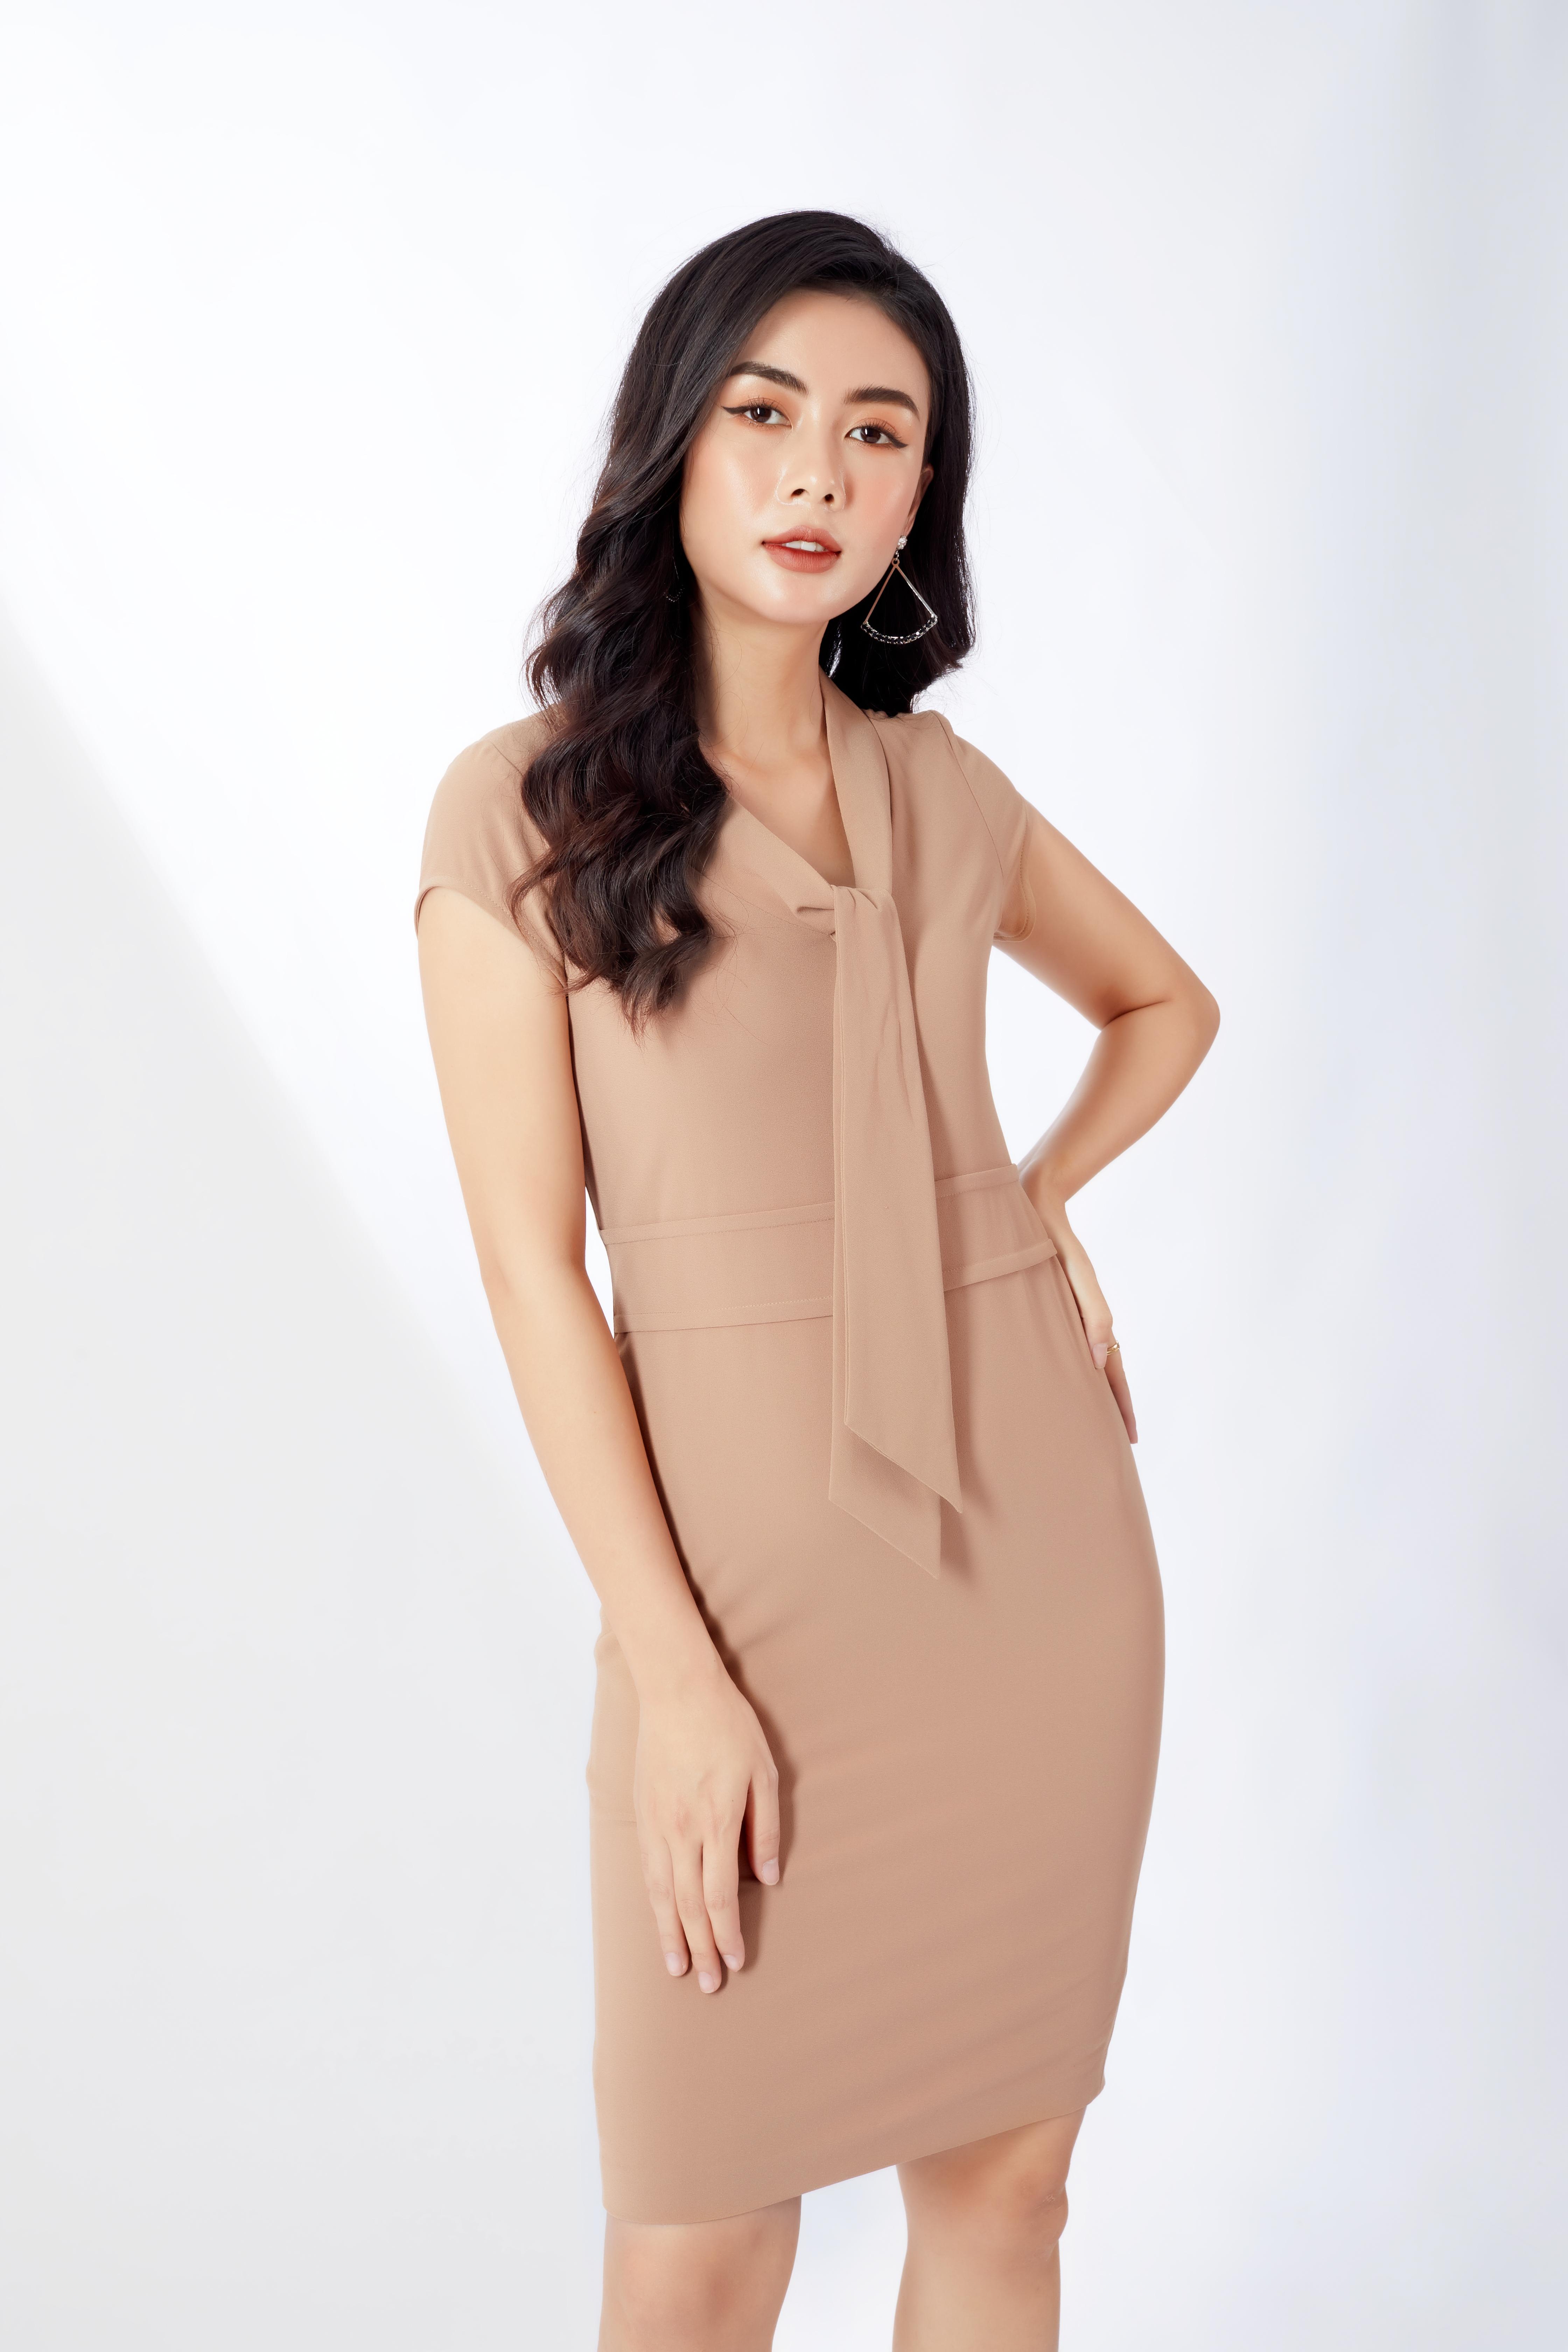 Đầm liền nữ HeraDG SDC18099 màu be